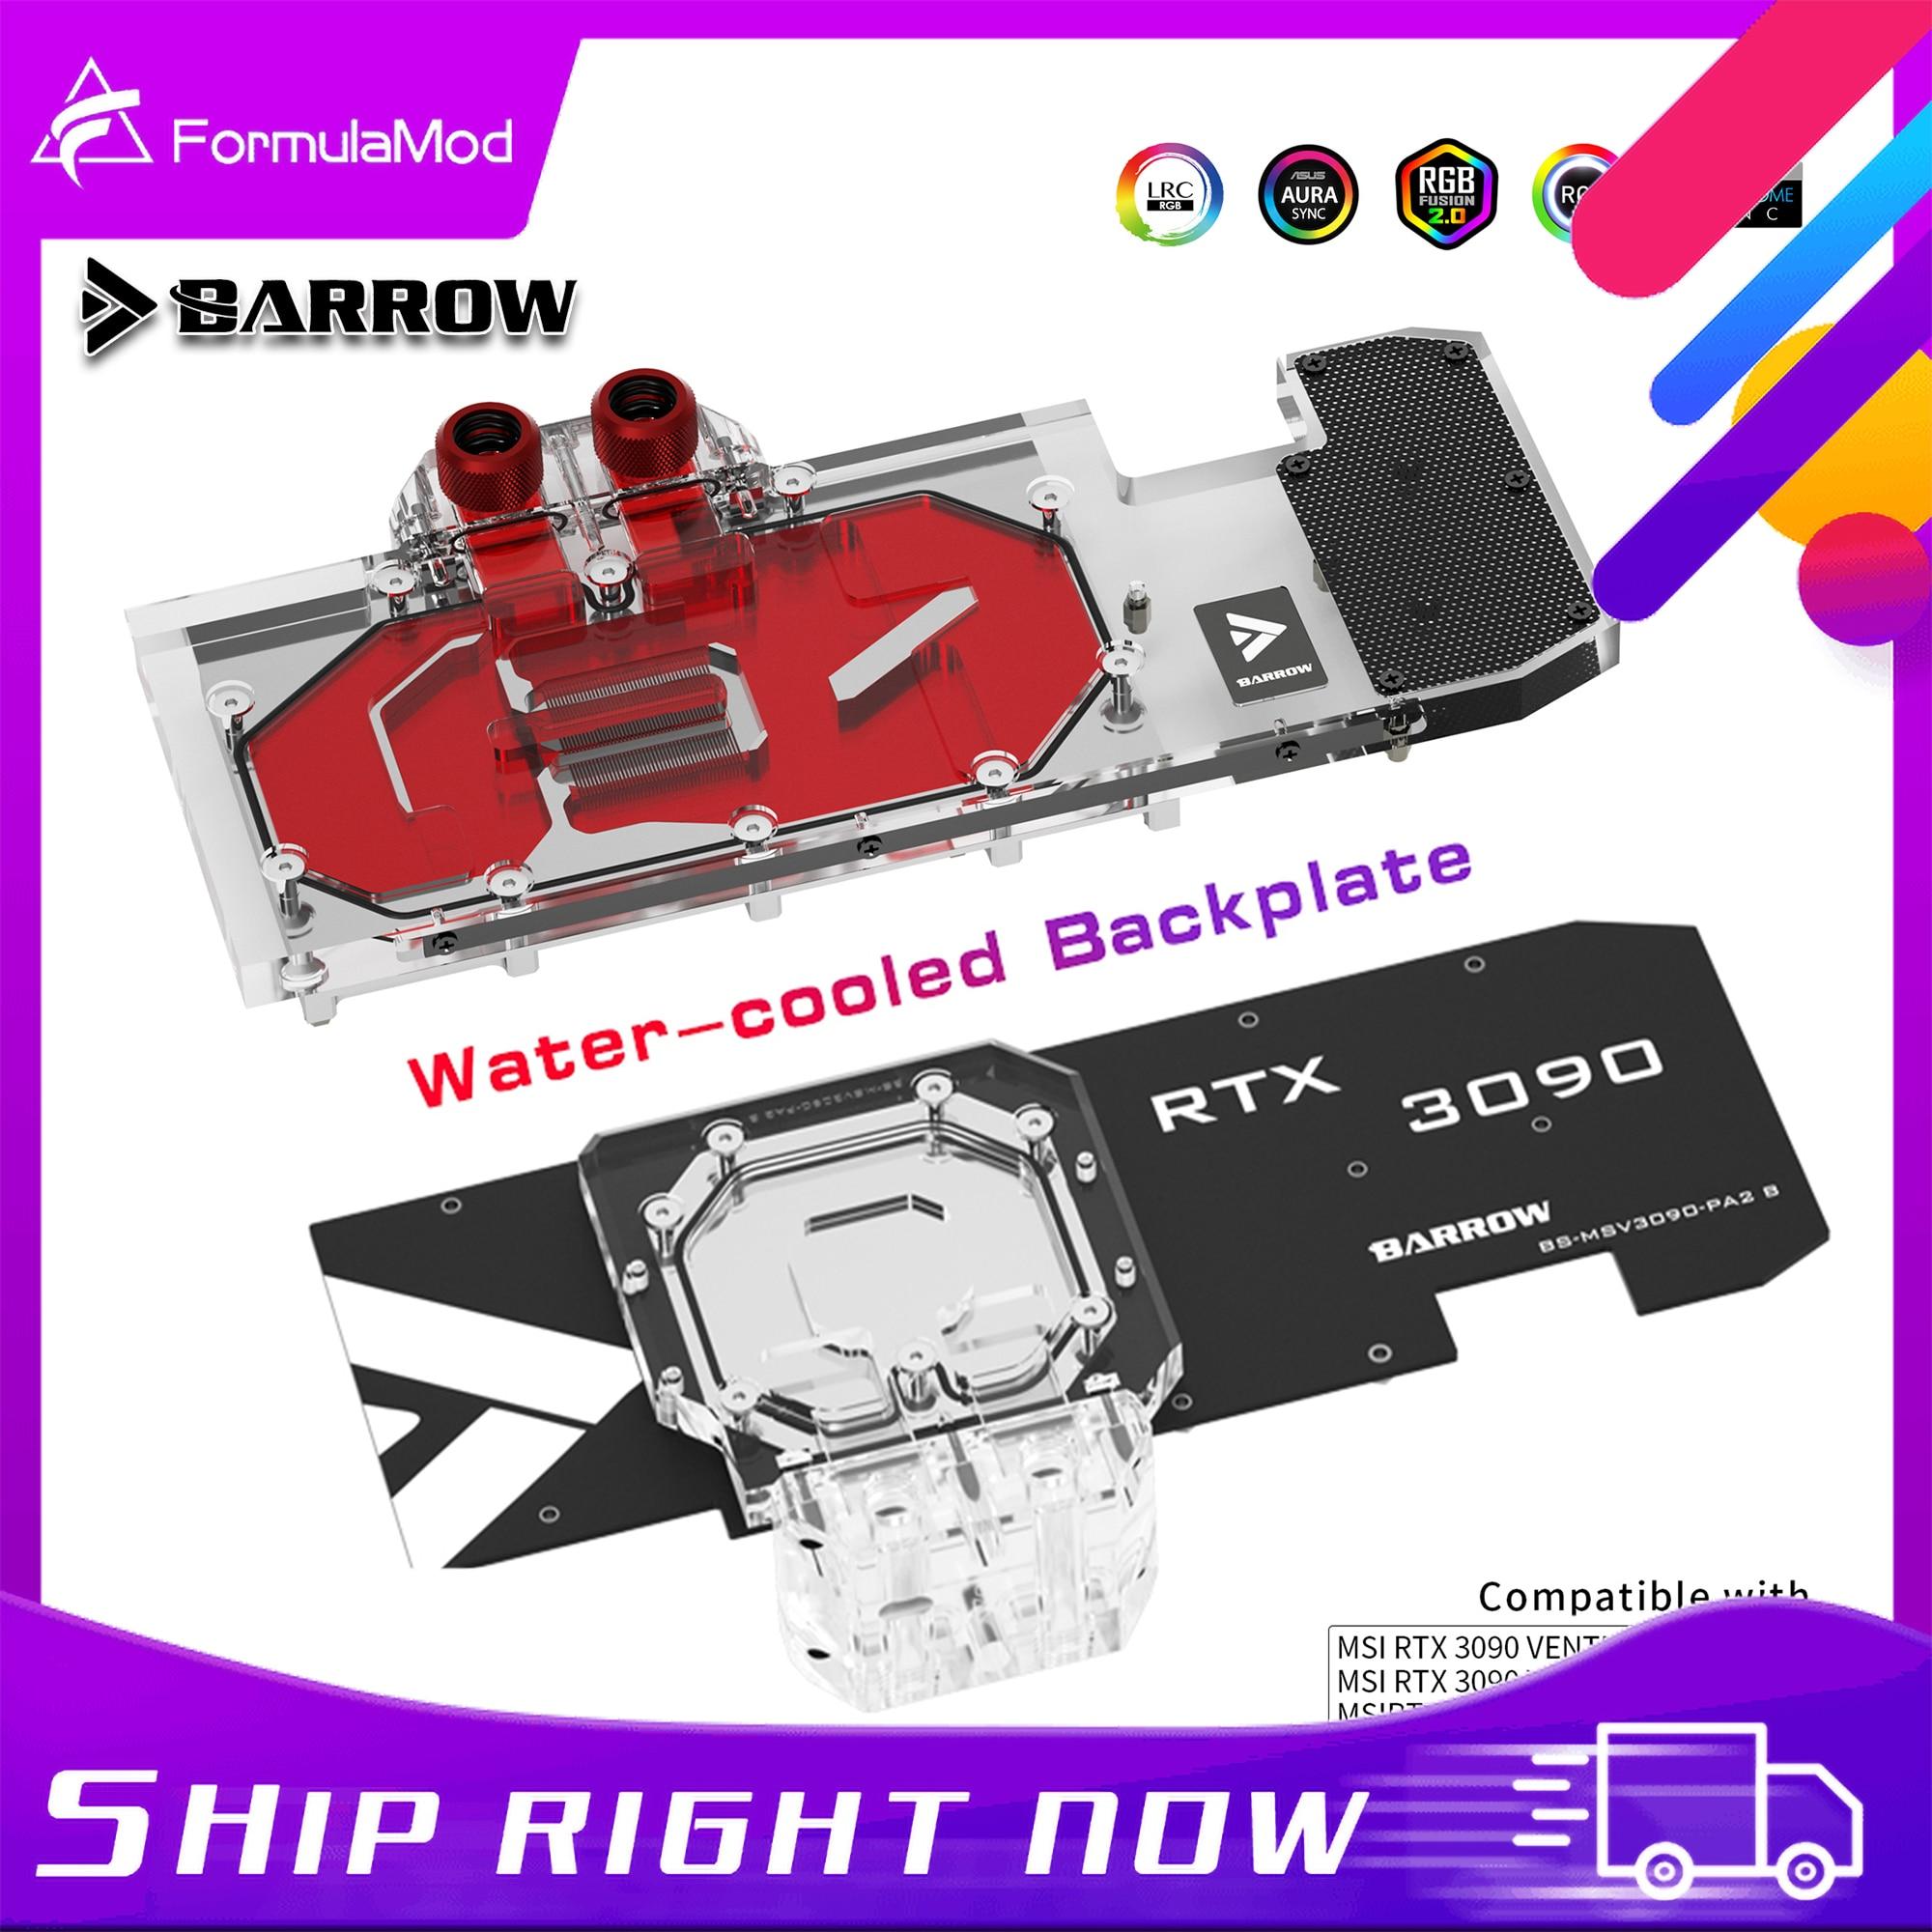 بارو GPU كتلة المياه كتلة لوحة الكترونية معززة ل MSI RTX3090 3080Ti 3080 VENTUS 3X OC ، نشط لوحة الخلفية برودة ، BS-MSV3090-PA2 B